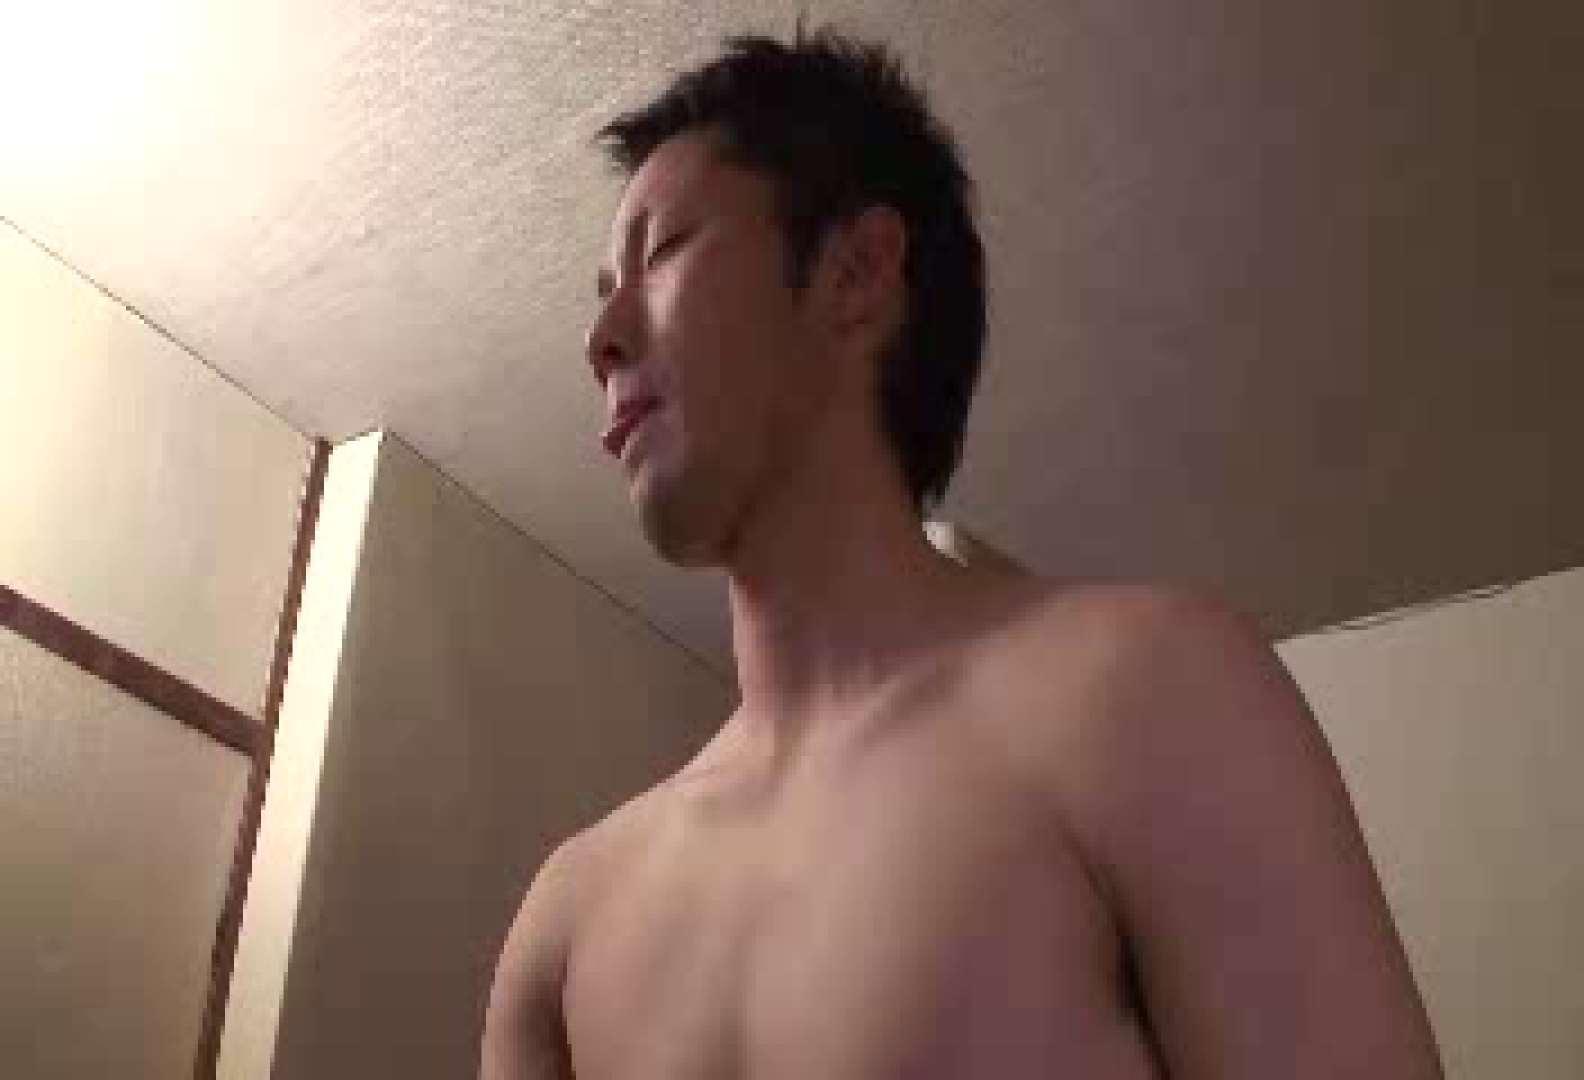 スリ筋!!Nice Finish!!vol.05 バックシーン ゲイエロ画像 83pic 65